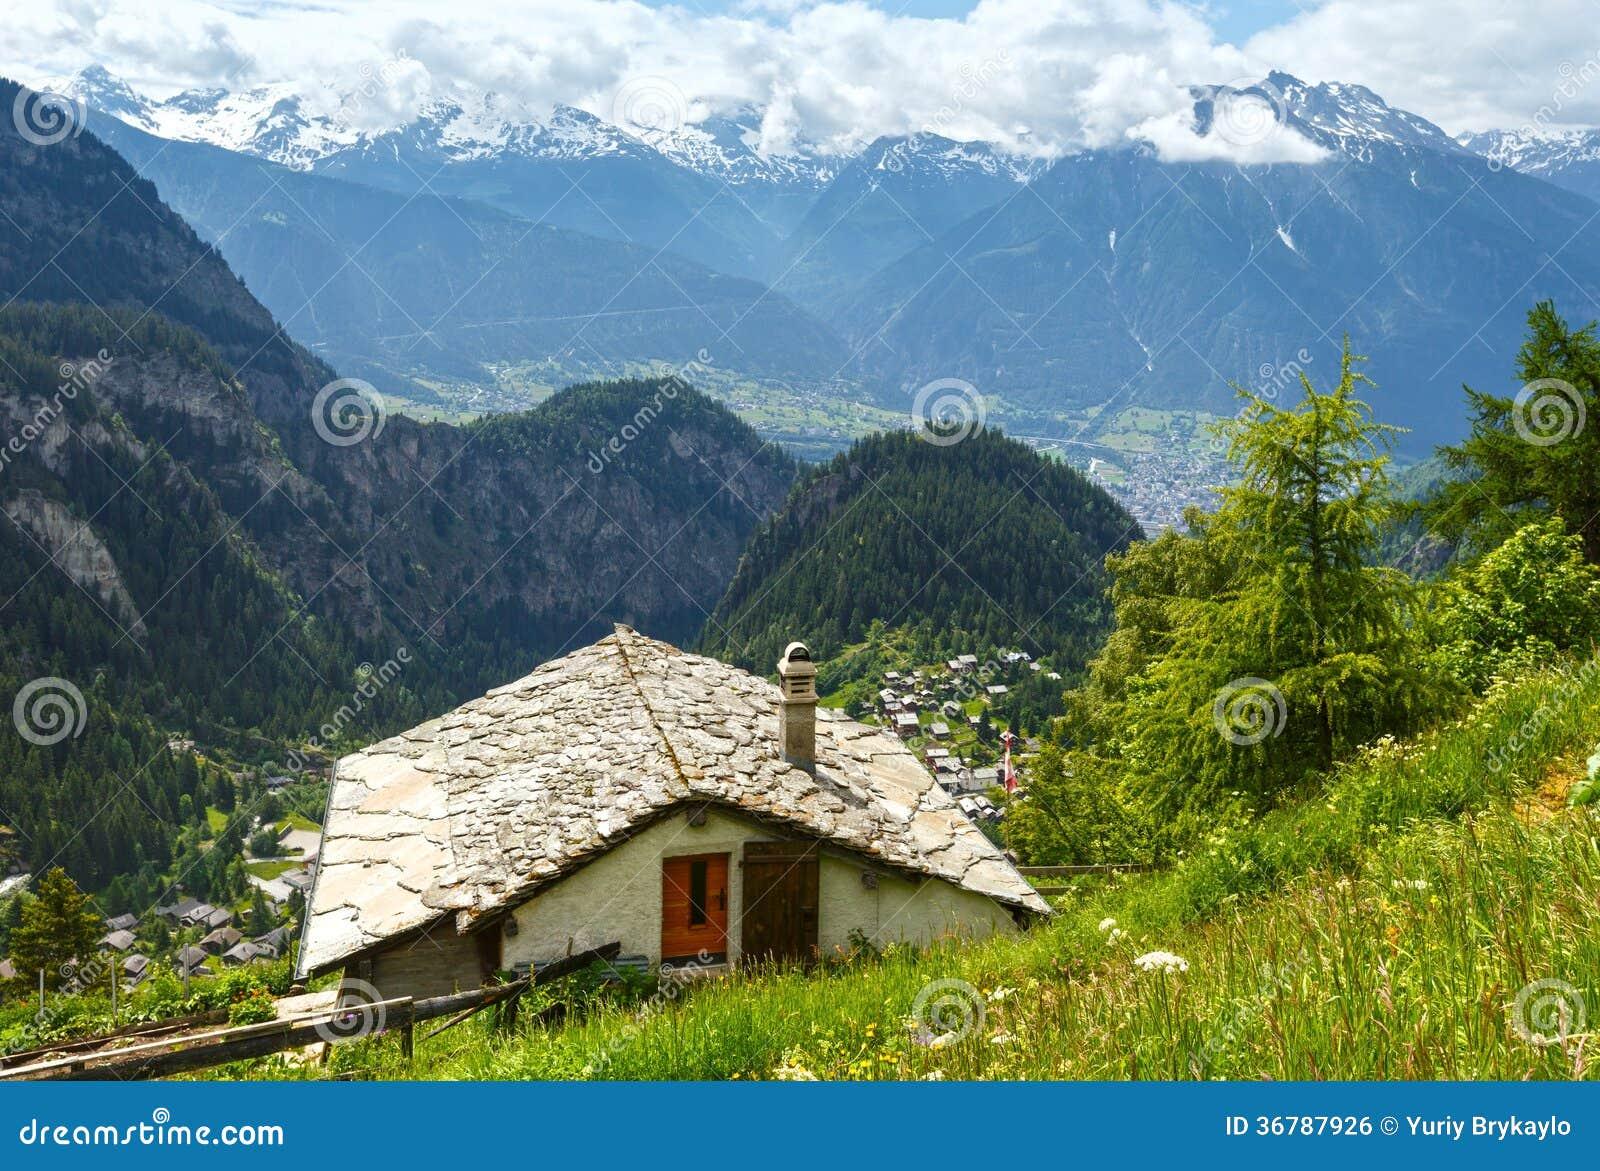 paysage de montagne d 39 t alpes suisse photo stock image du ciel sapin 36787926. Black Bedroom Furniture Sets. Home Design Ideas